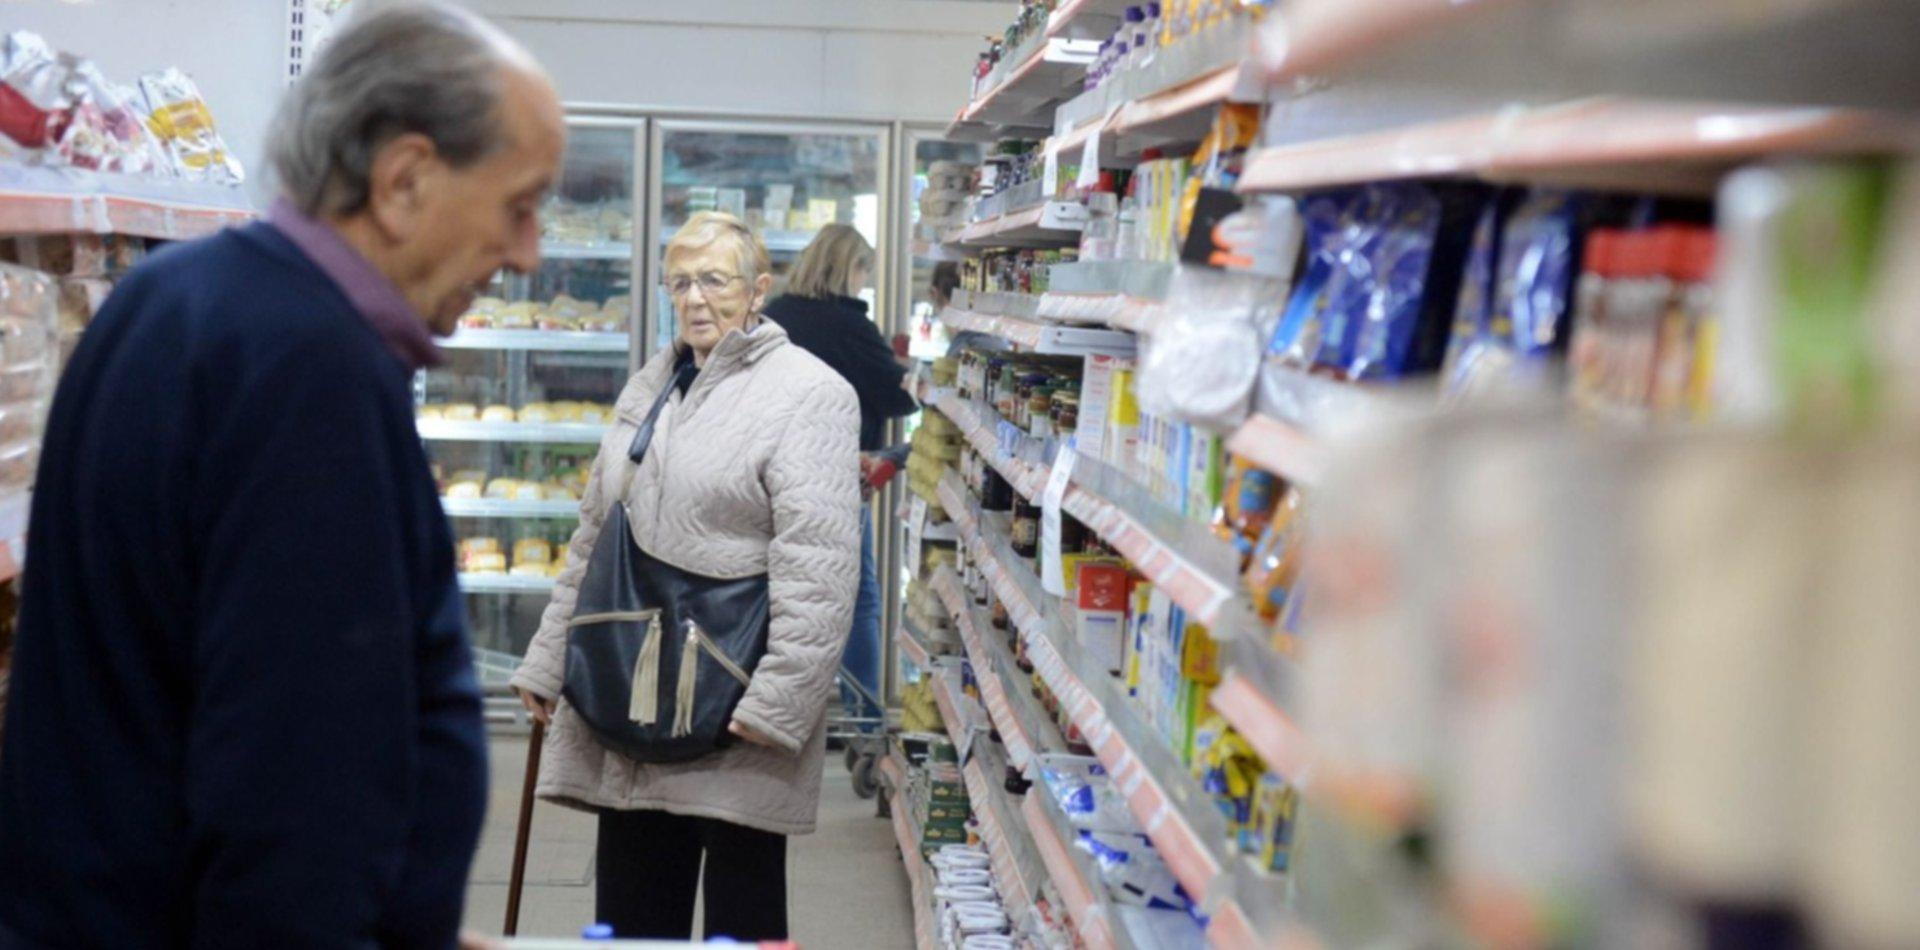 Tras el anuncio de los productos sin IVA, así arrancaron los precios en La Plata